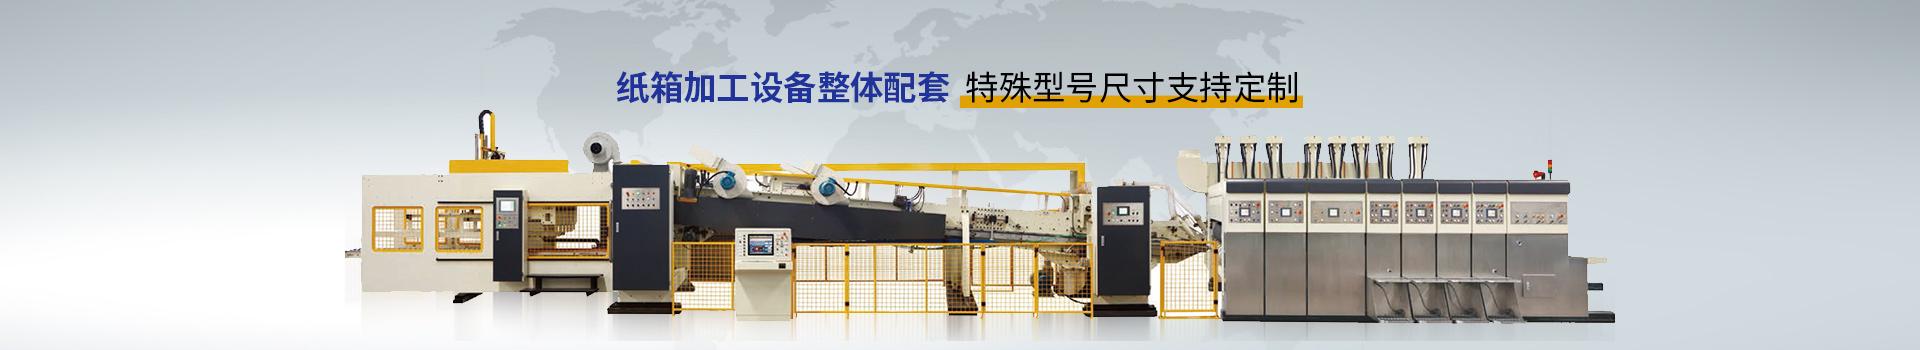 仁成机械产品中心